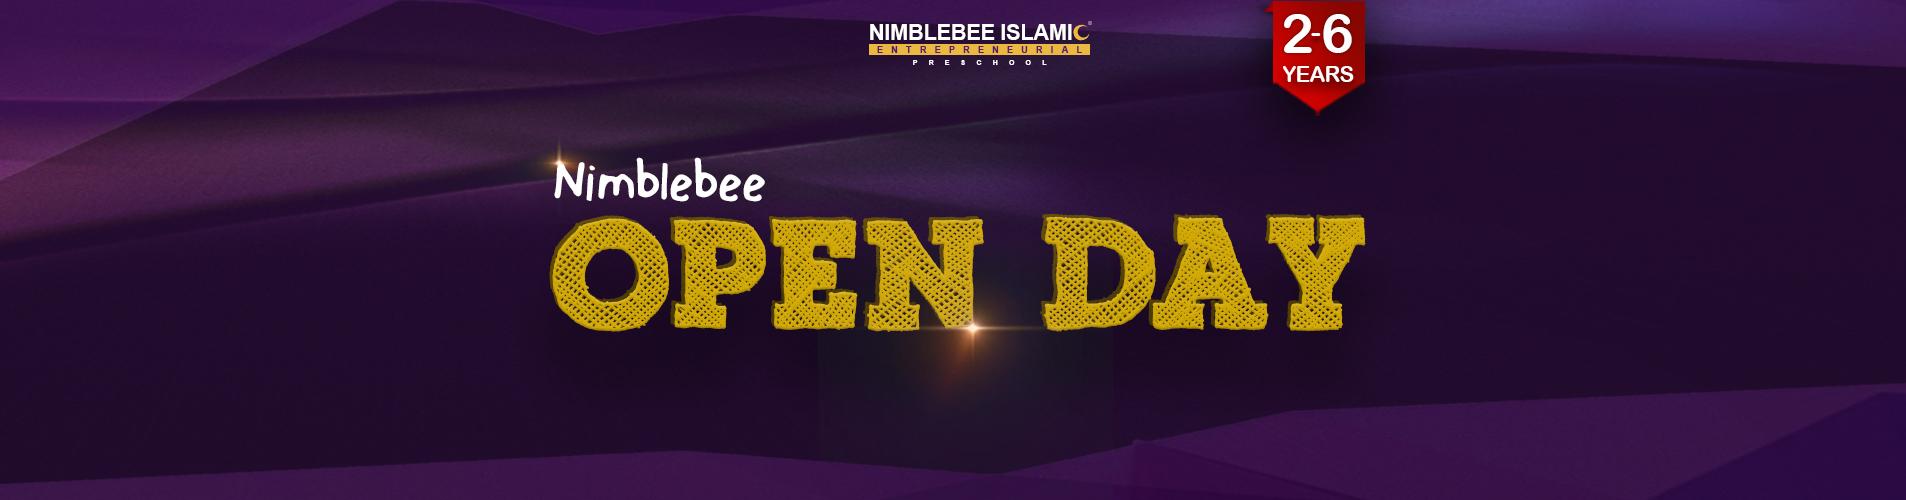 http://www.nimblebee.my/online-registration/